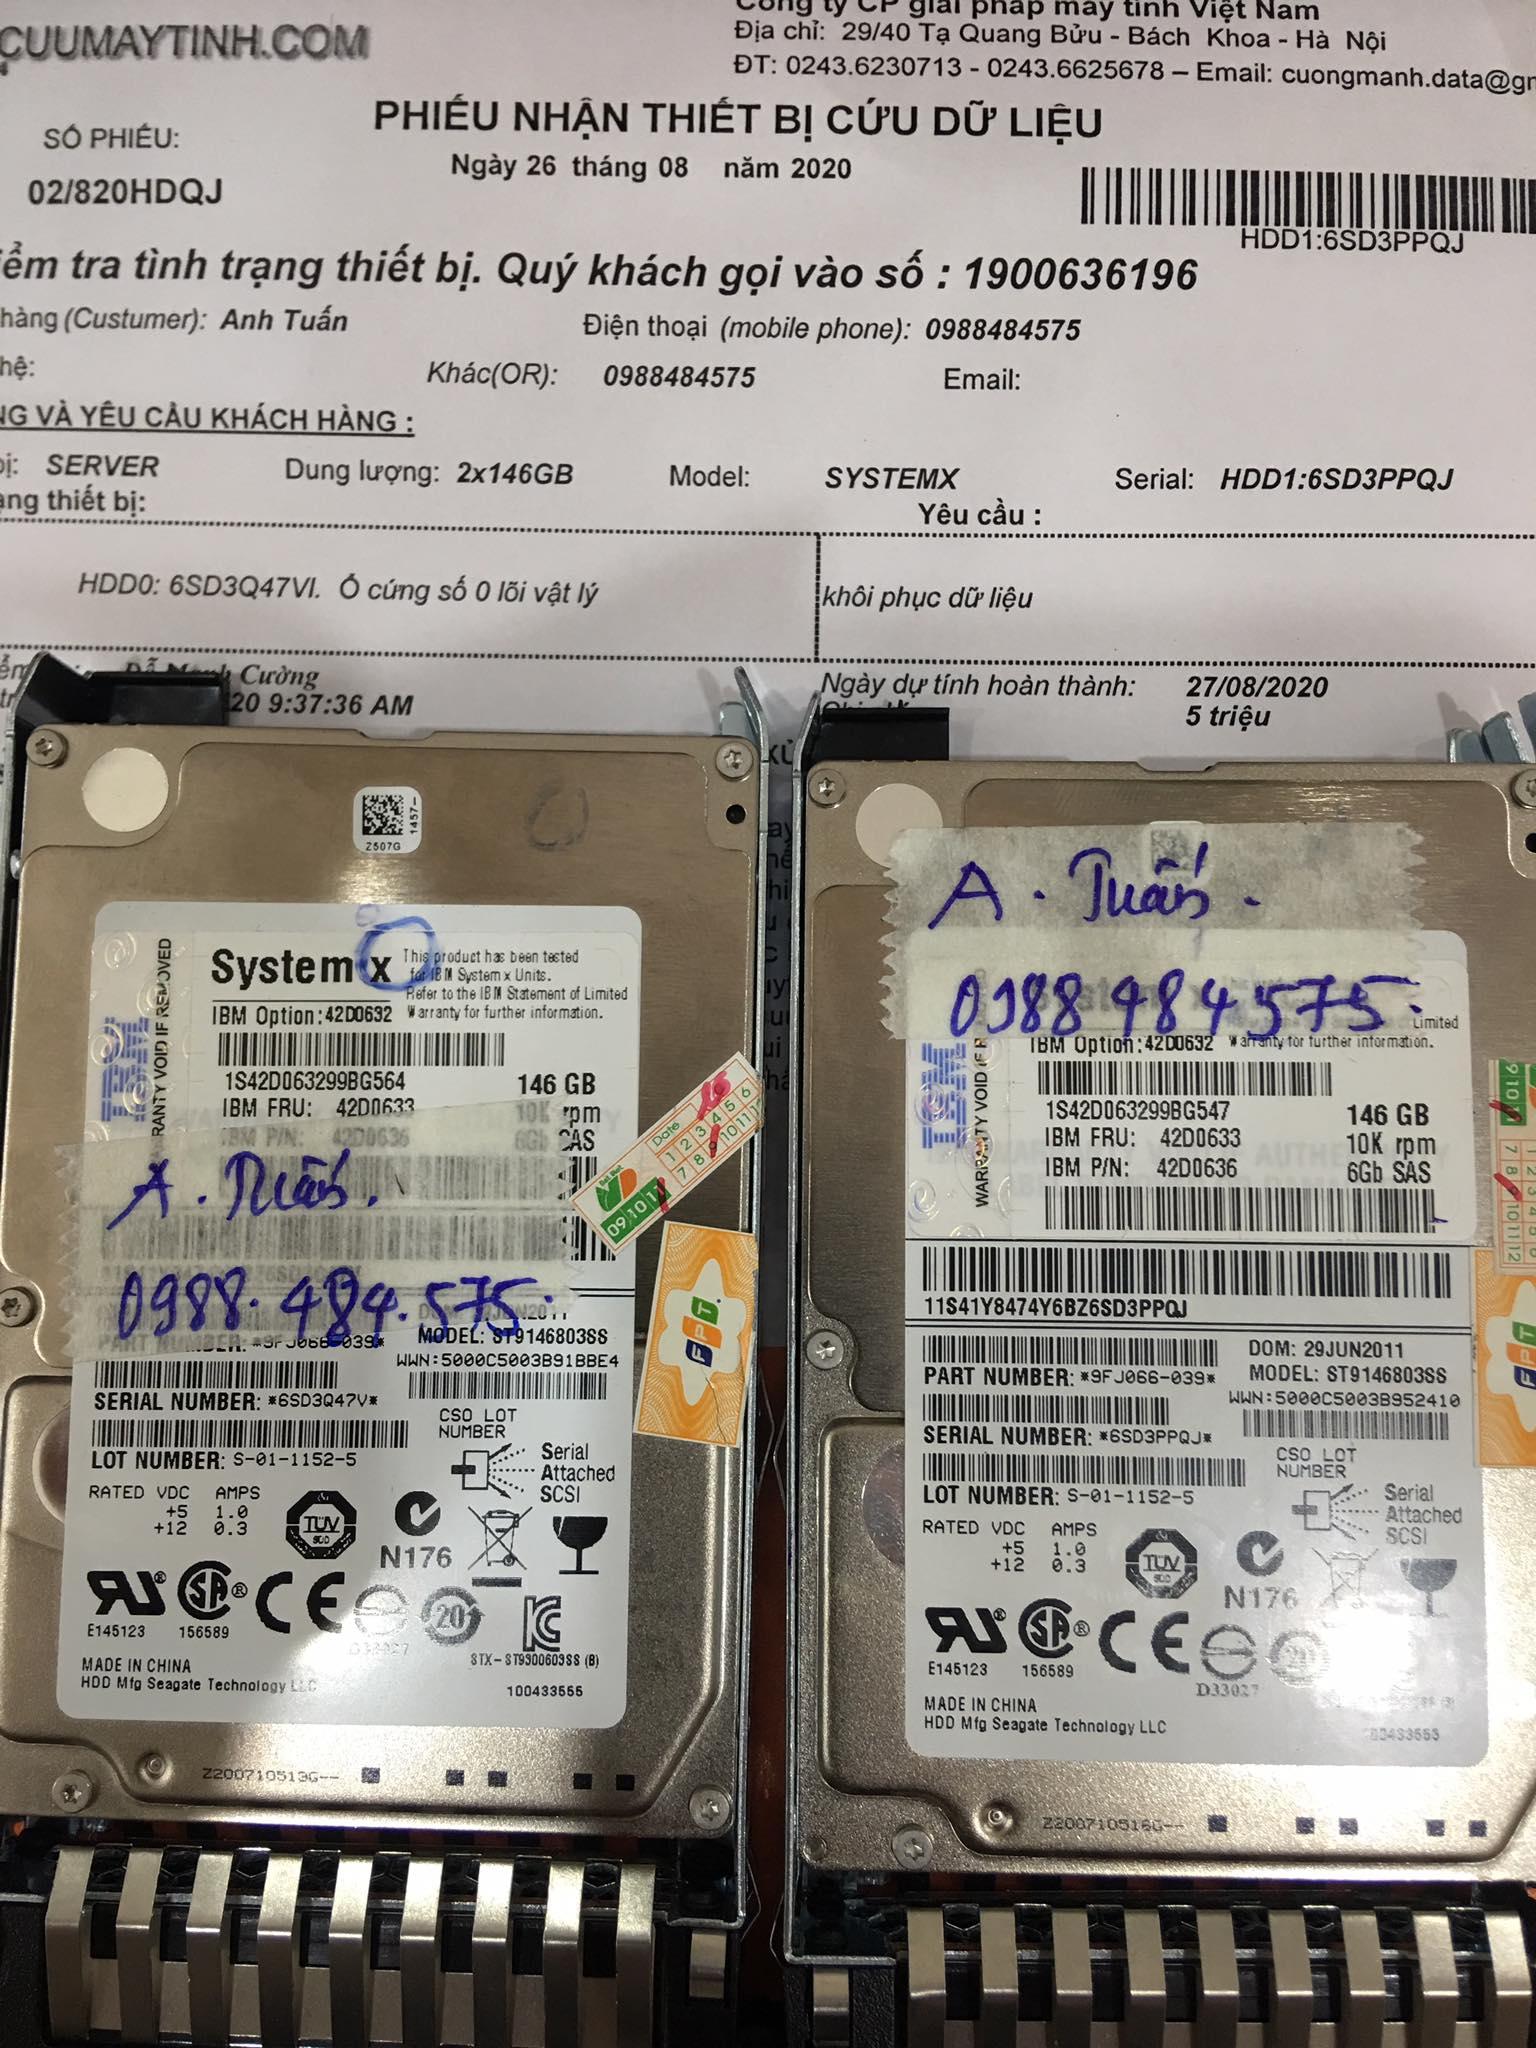 Cứu dữ liệu máy chủ SystemX với 2HDDx146GB lỗi 1HDD 26/08/2020 - cuumaytinh